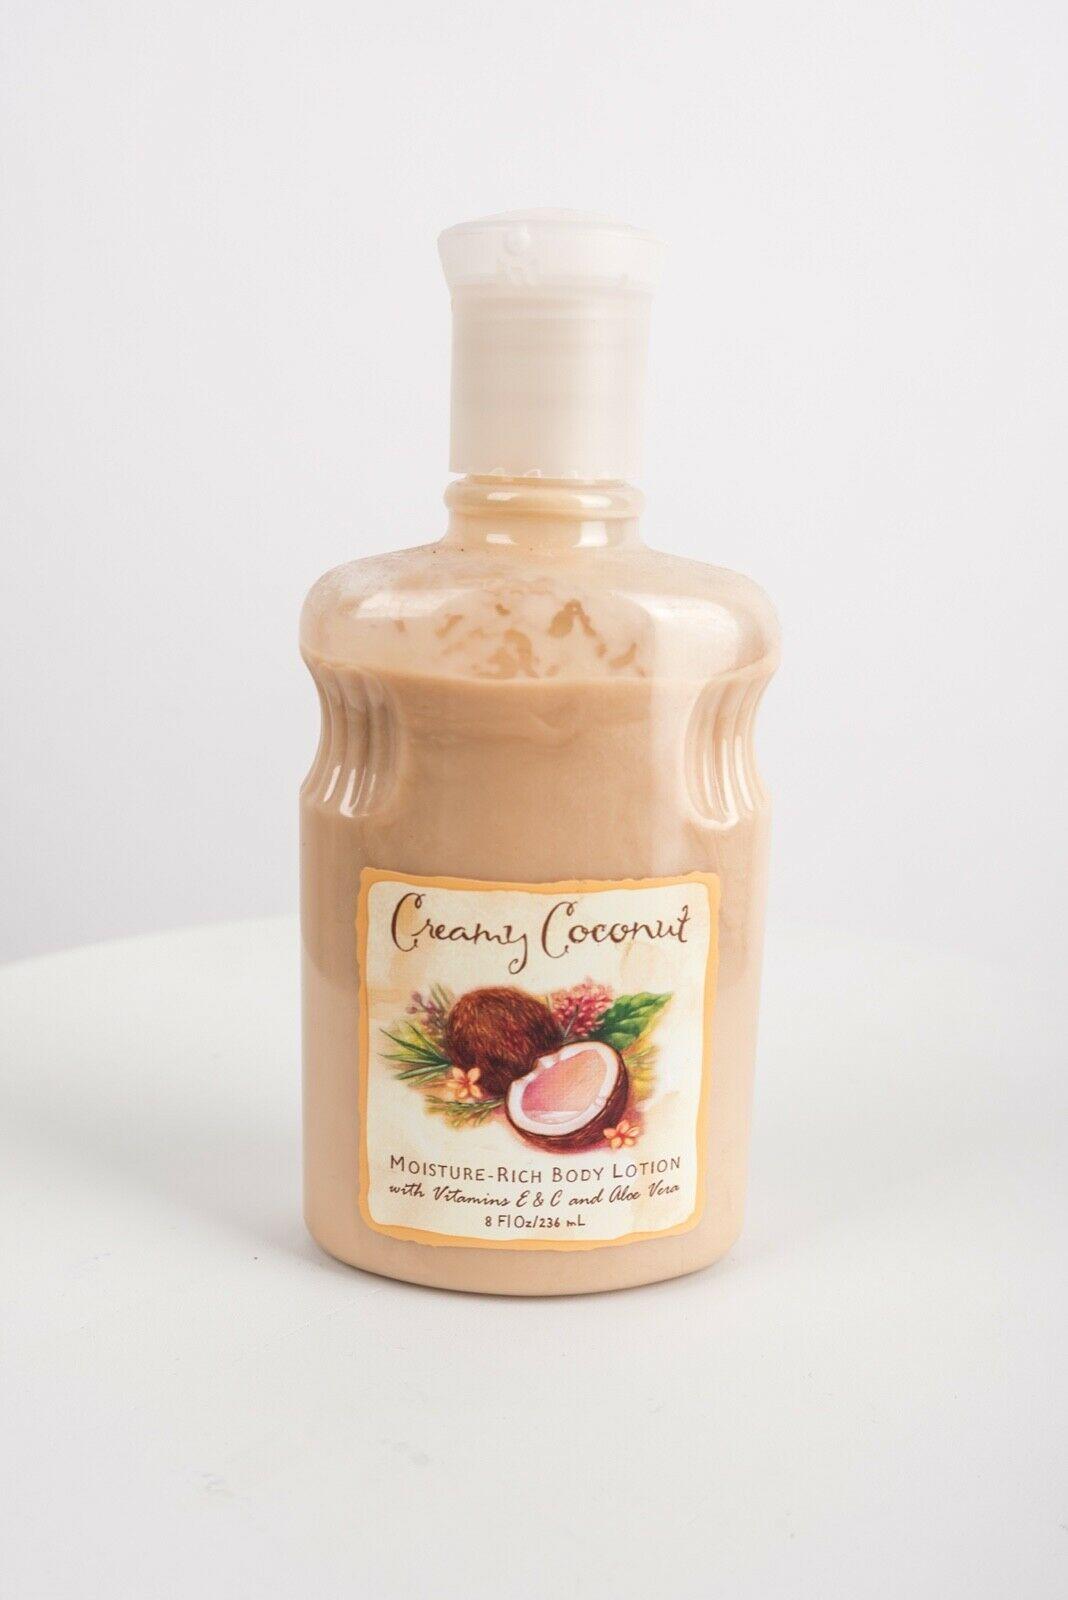 Creamy Coconut Bath & Body Works Womens Lotion Moisturizer Skin Care 8 fl oz HTF